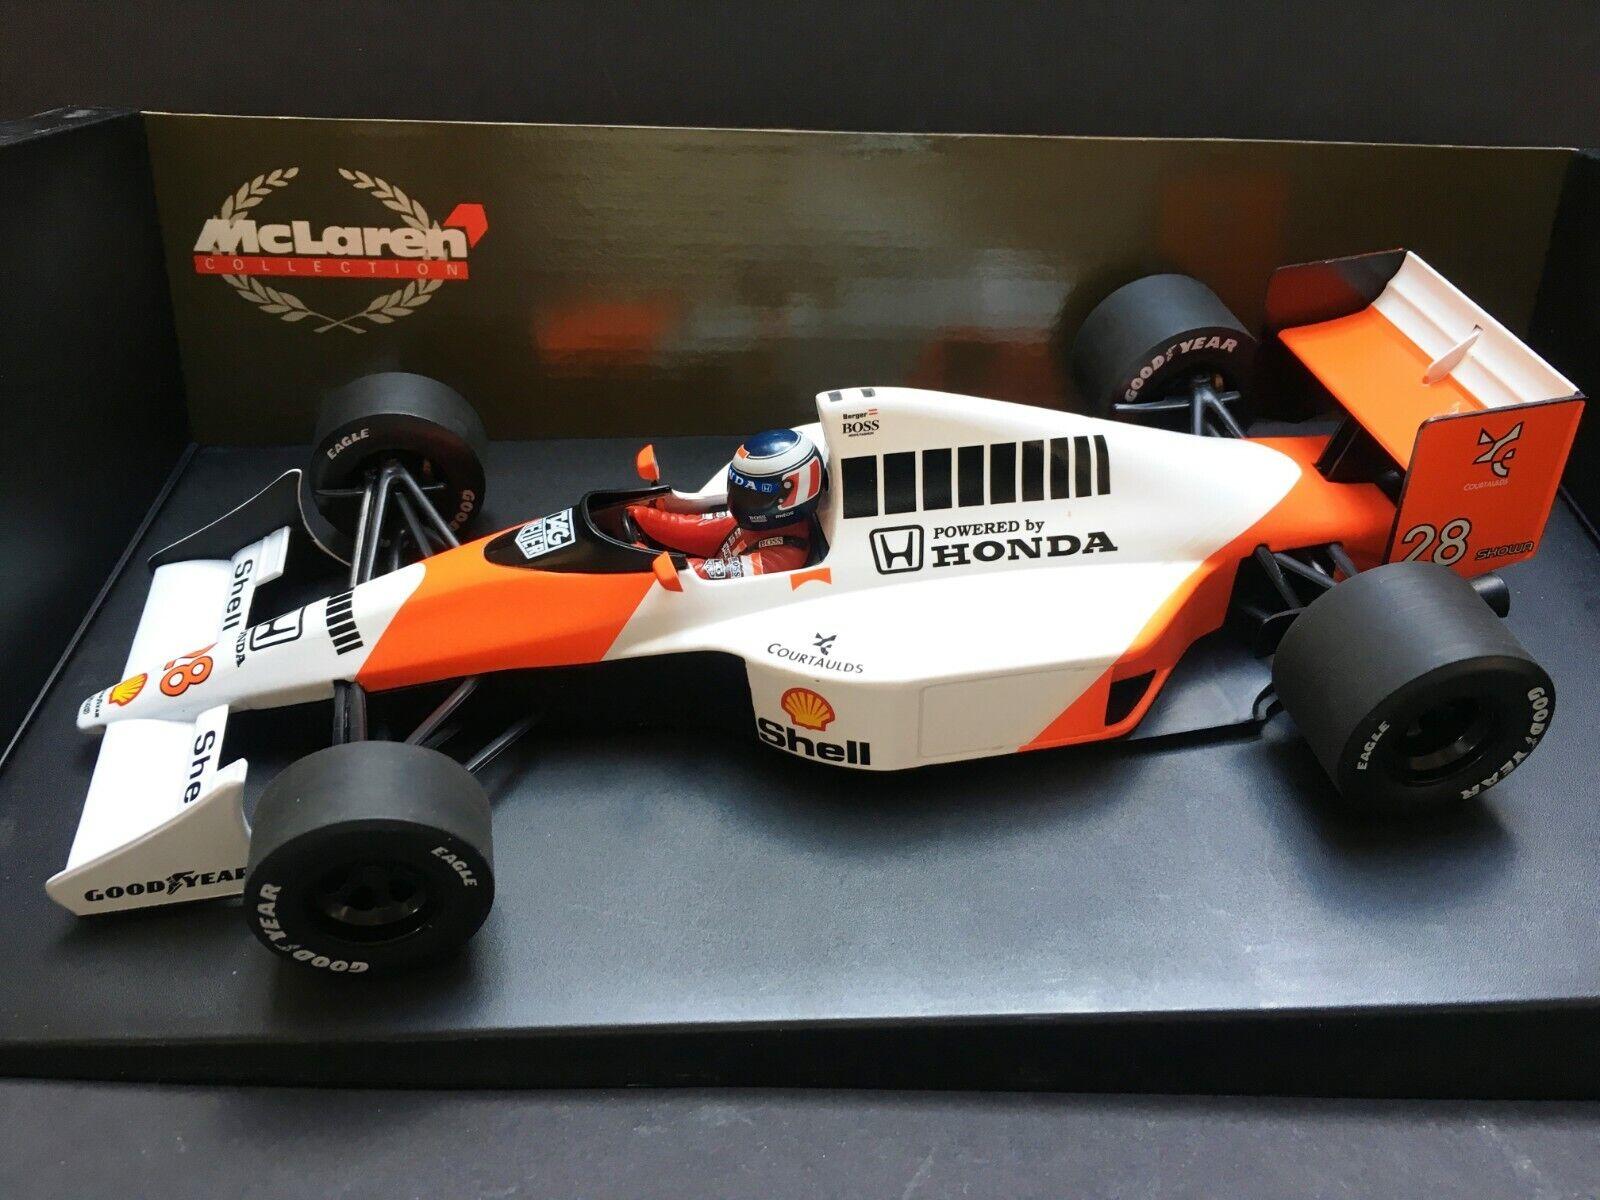 Minichamps - Gerhard Berger - McLaren - MP4 5B - 1990 - 1 18 - Rare